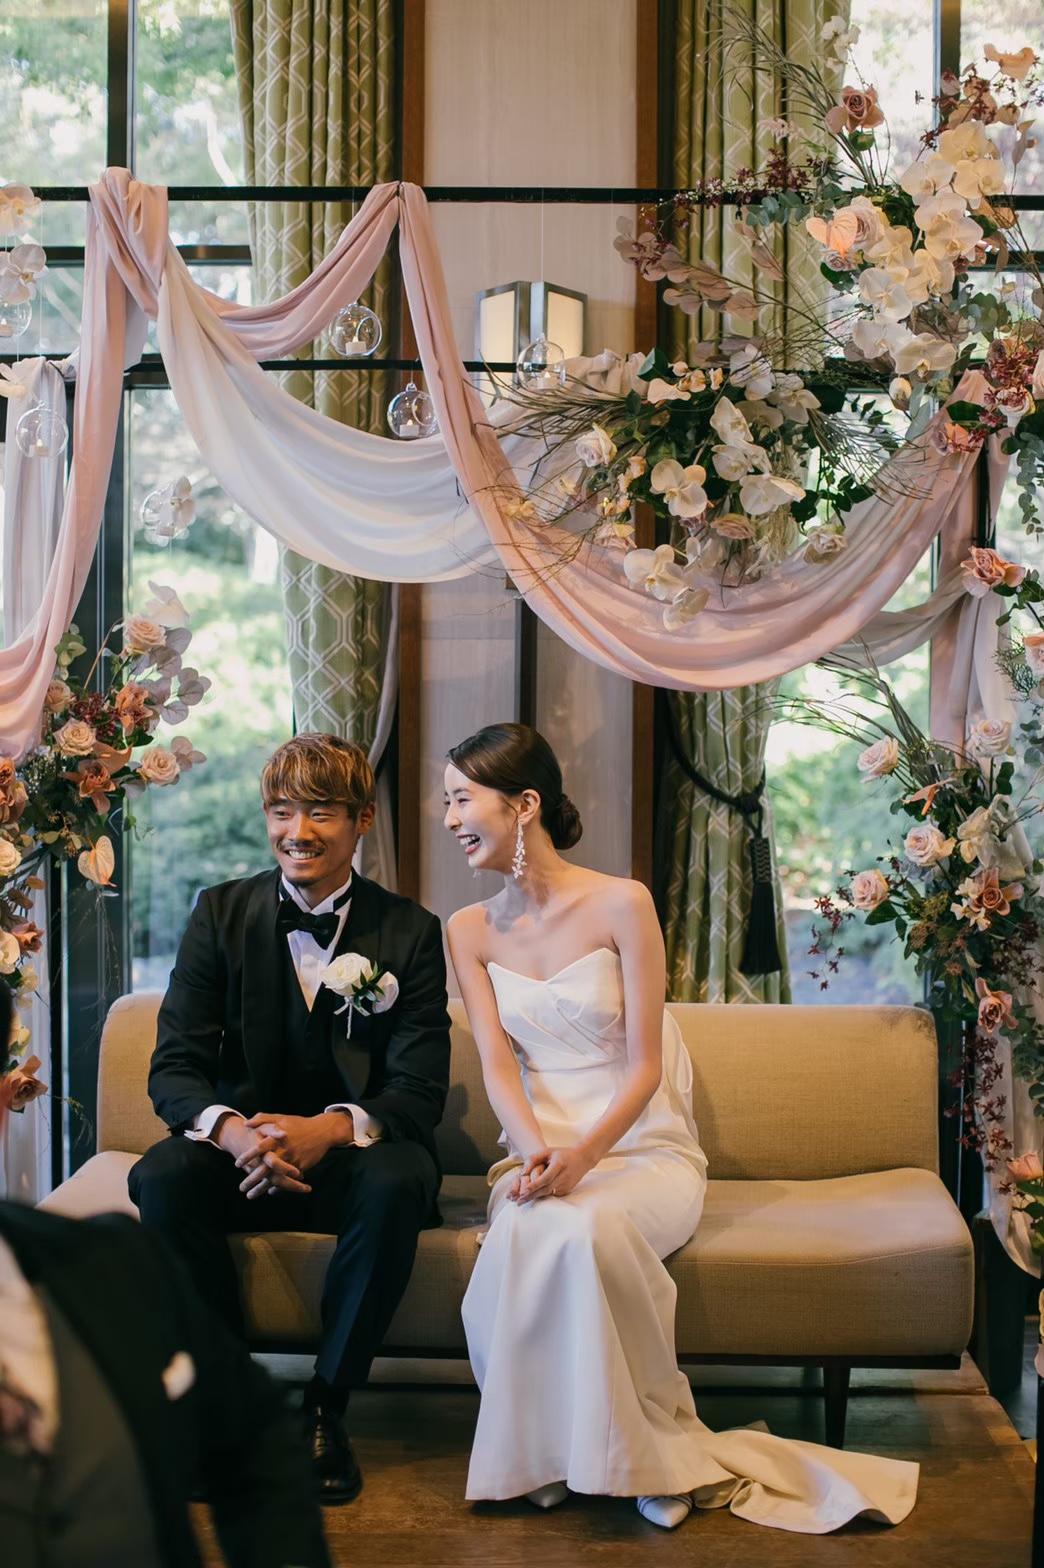 会場装花は胡蝶蘭とアンスリュームで上品な印象に。布を垂らしてオシャレでナチュラルなスタイルに。